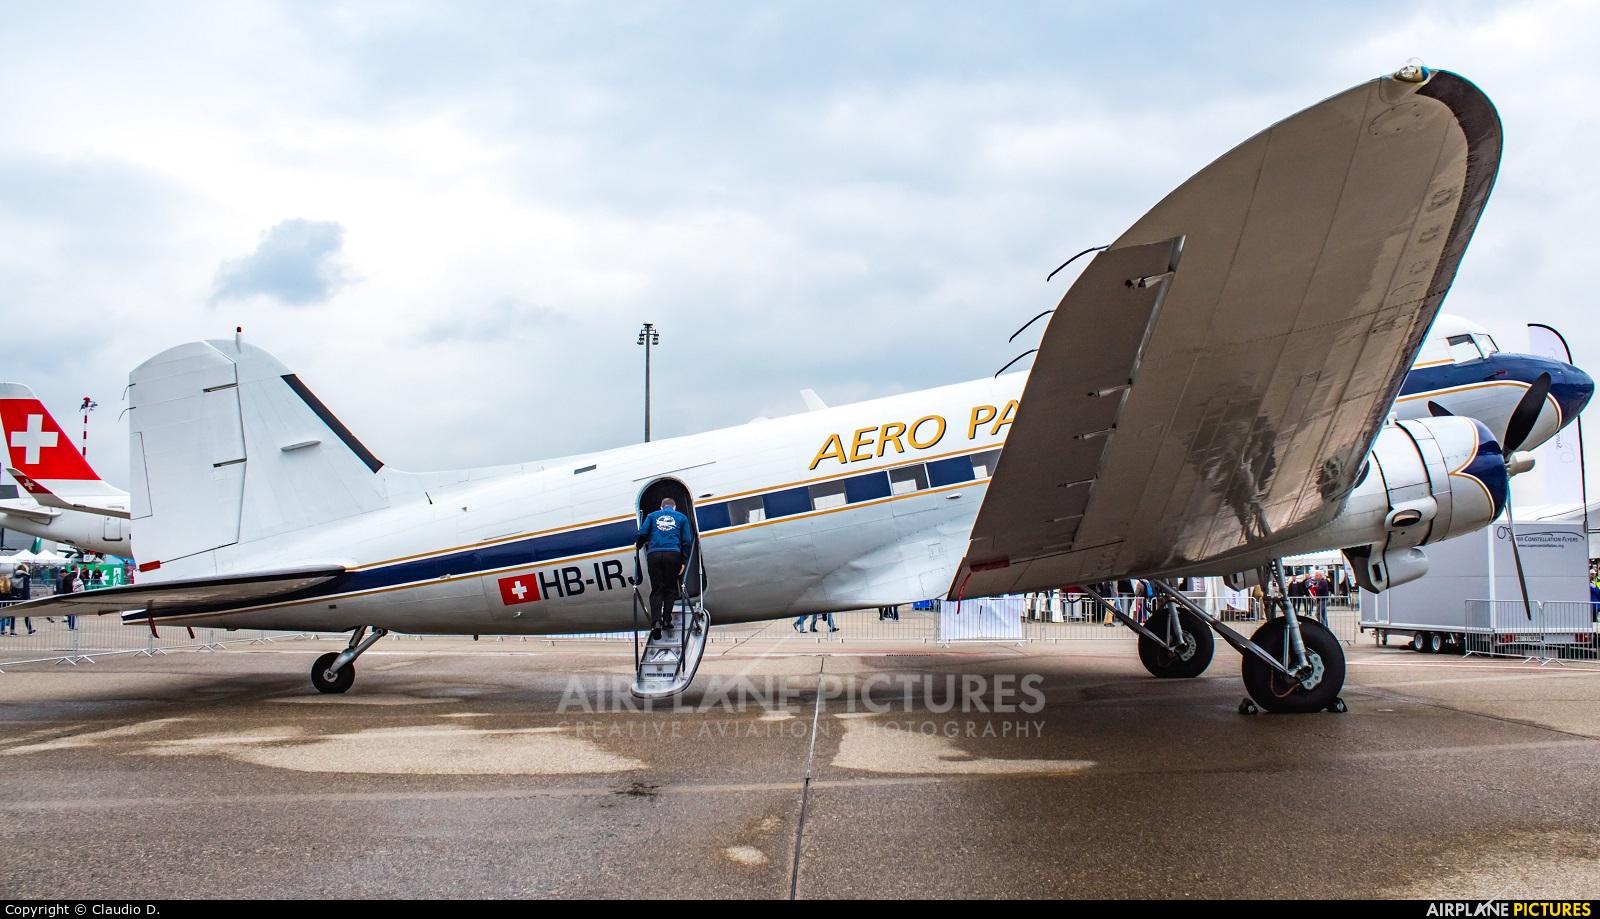 Breitling HB-IRJ aircraft at Zurich